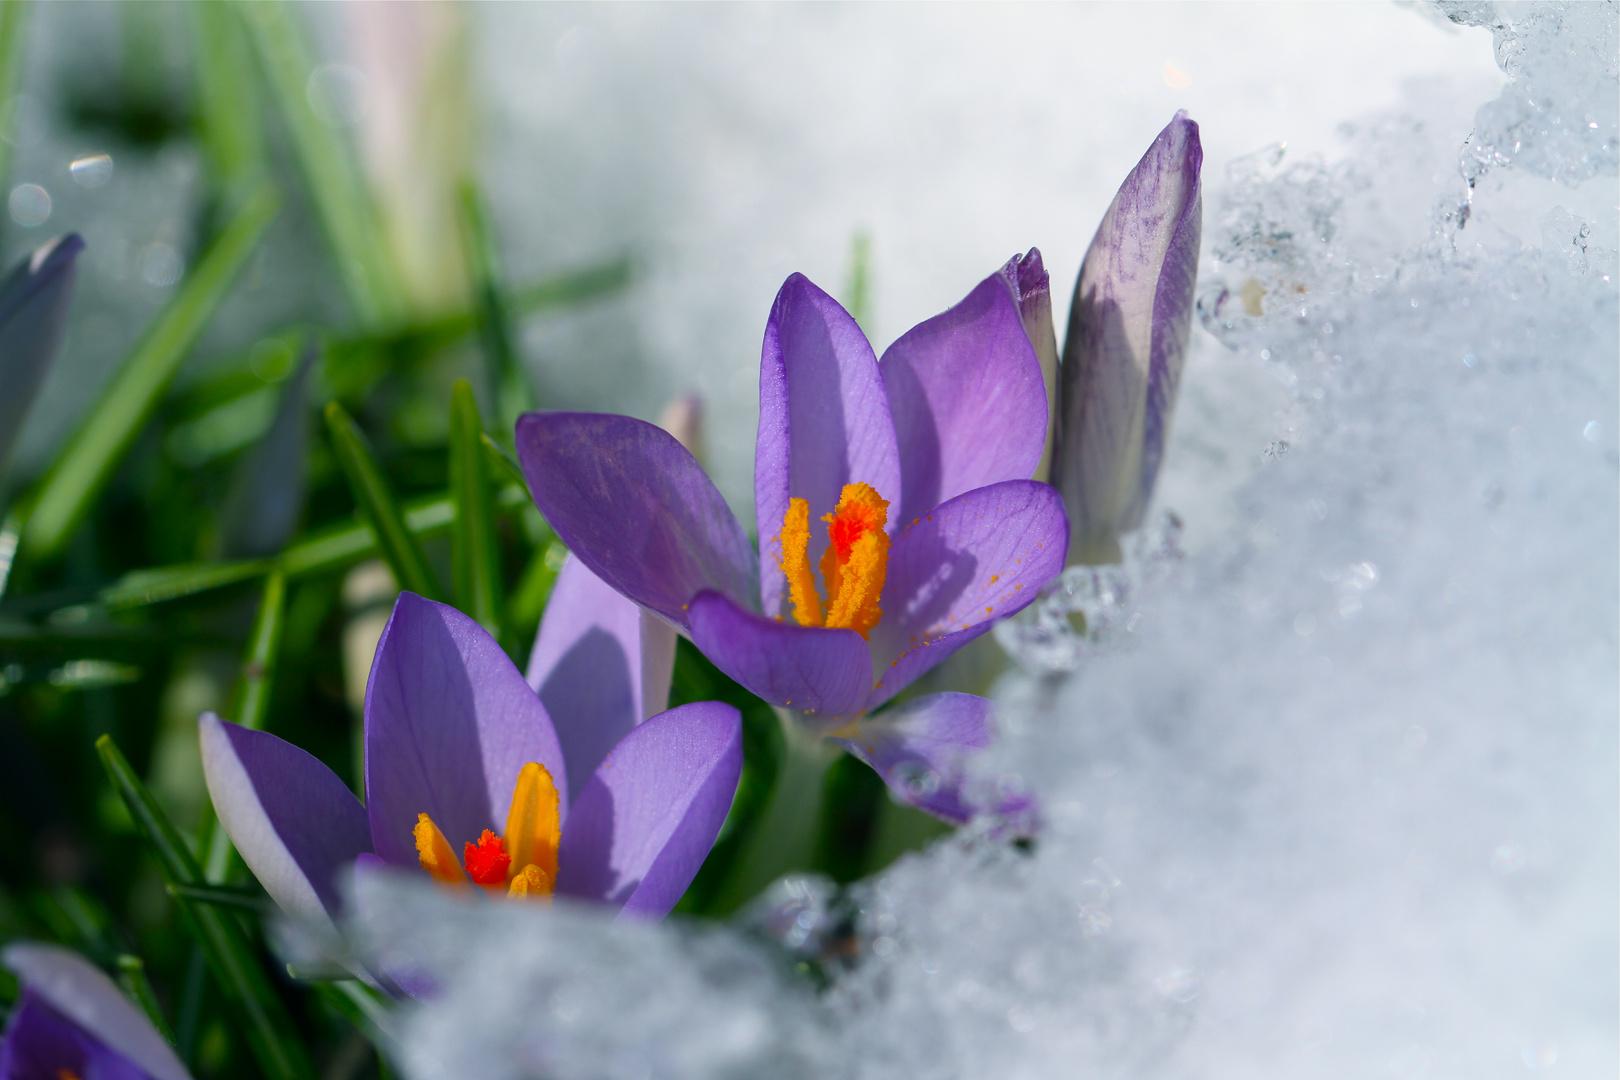 Krokus_Blumen im Schnee2